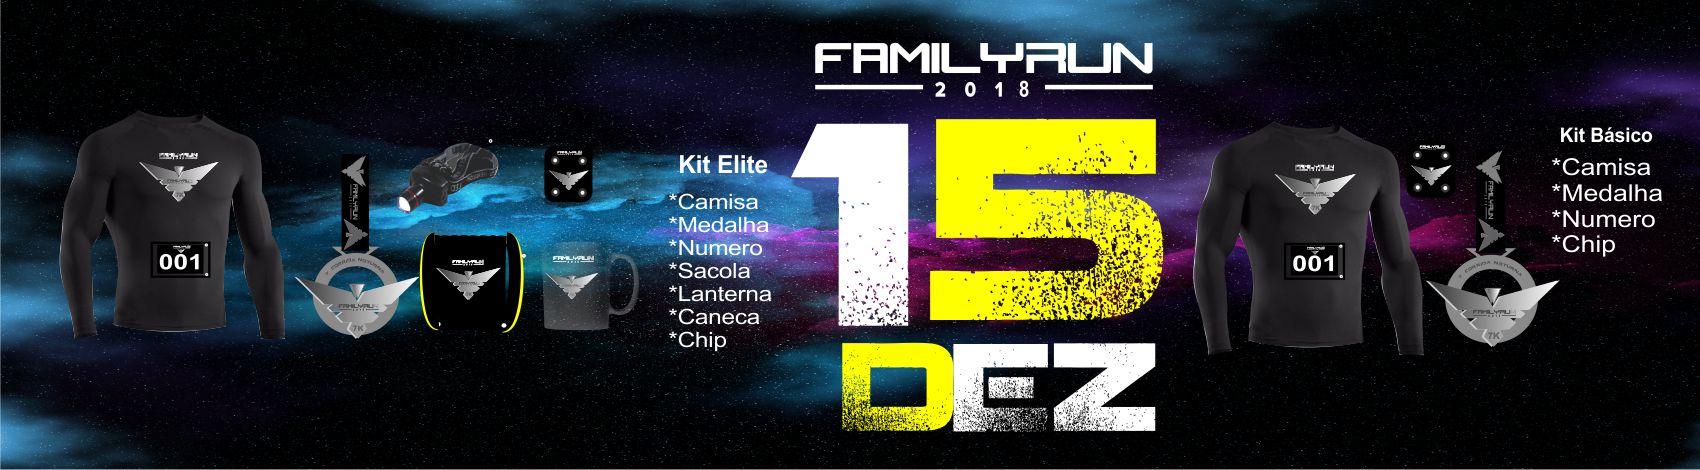 FAMILY RUN 2018 OLINDA - Imagem de topo